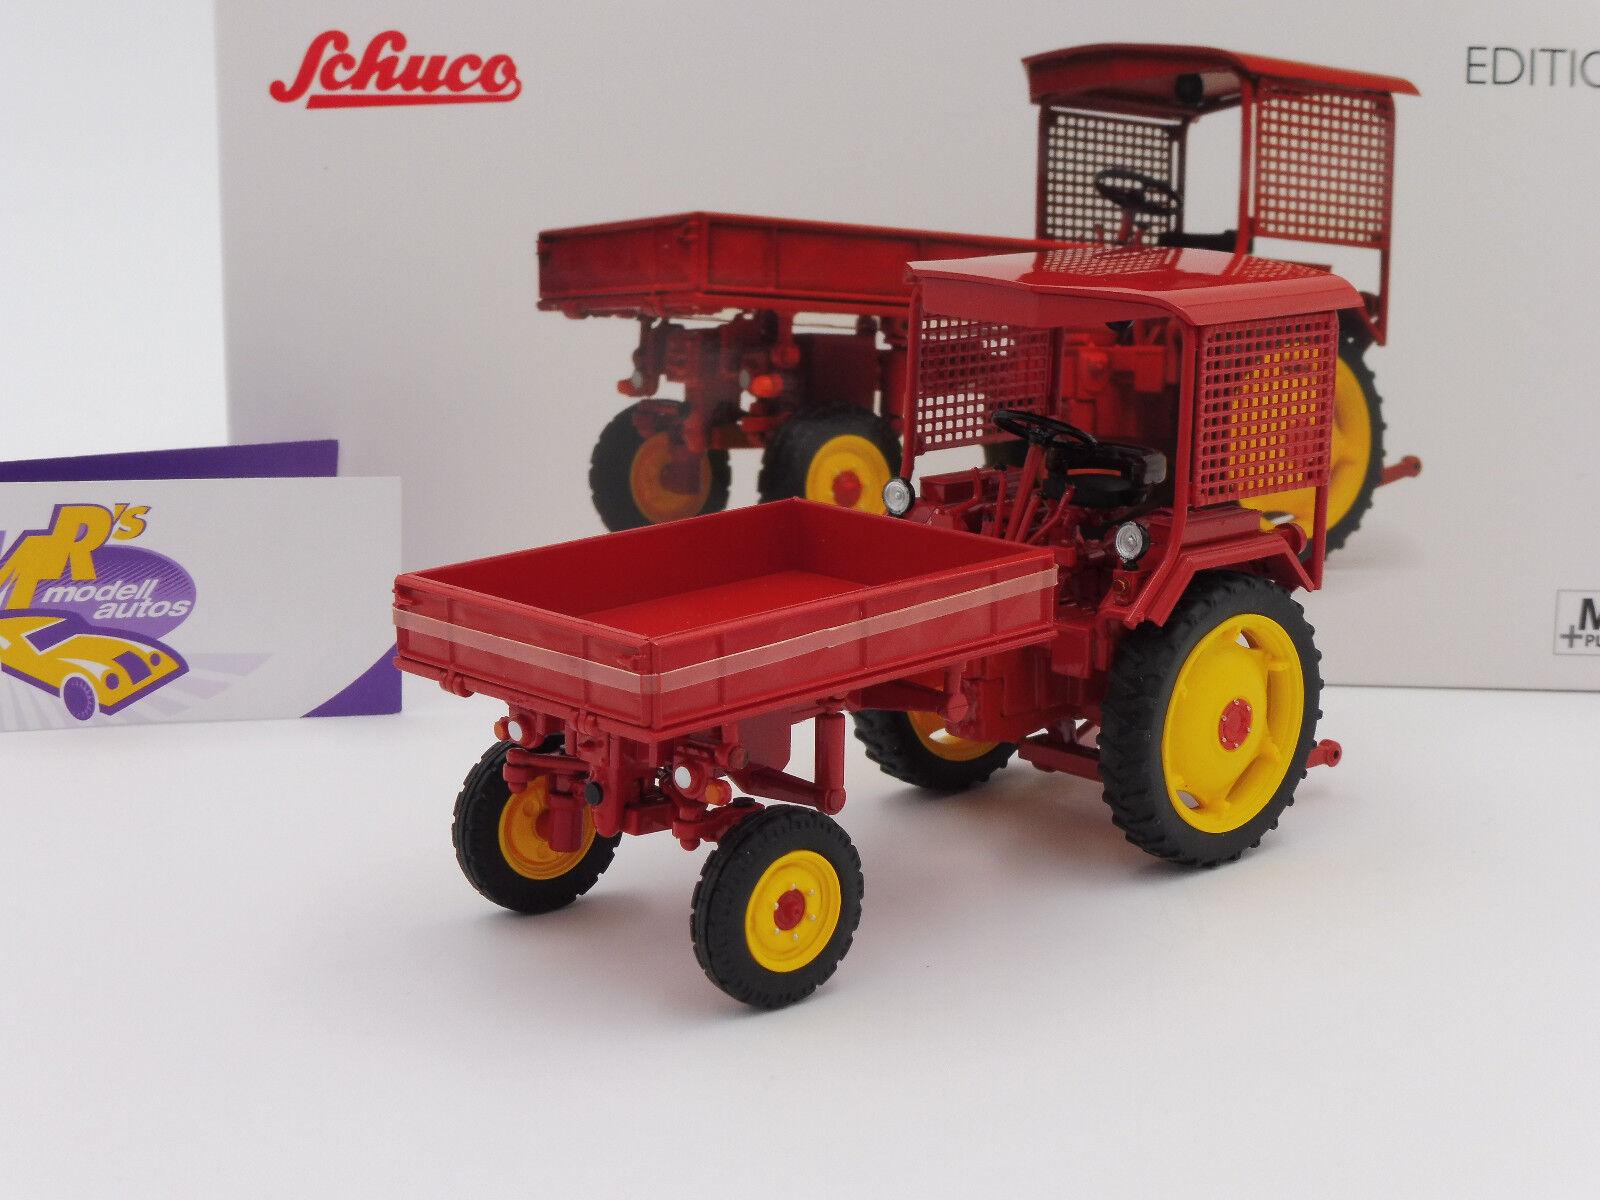 Schuco PRO.R 07828 - Fortschritt RS09-GT 124 Geräteträger Bj. 1955   rot   1 32  | Sonderaktionen zum Jahresende